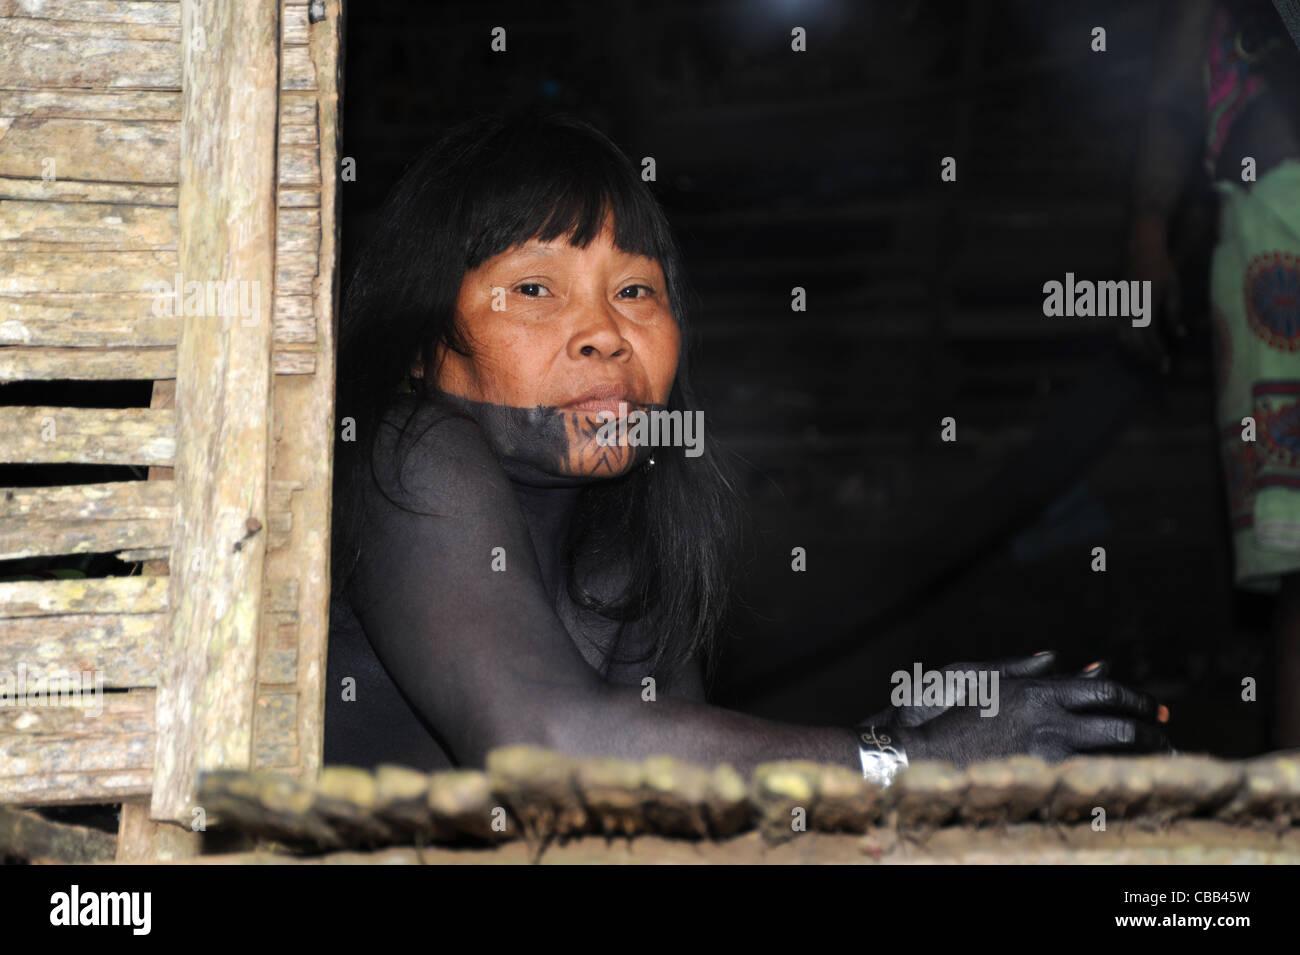 Mujer indígena Embera en la comunidad indígena Embera Puru en Panamá. Foto de stock